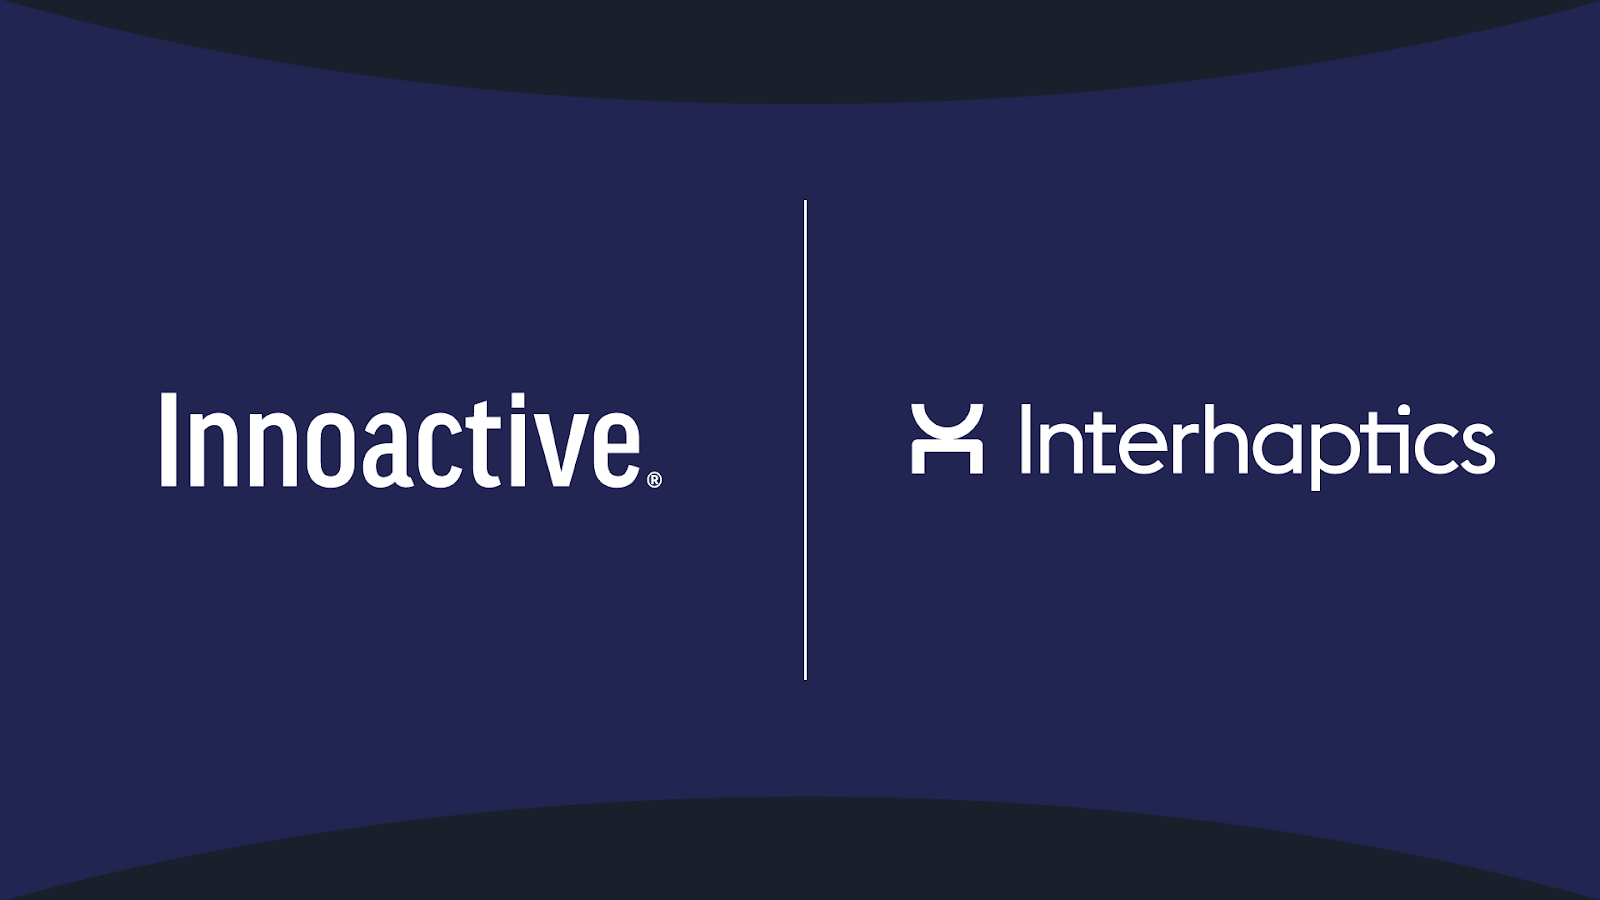 innoactive interhaptics